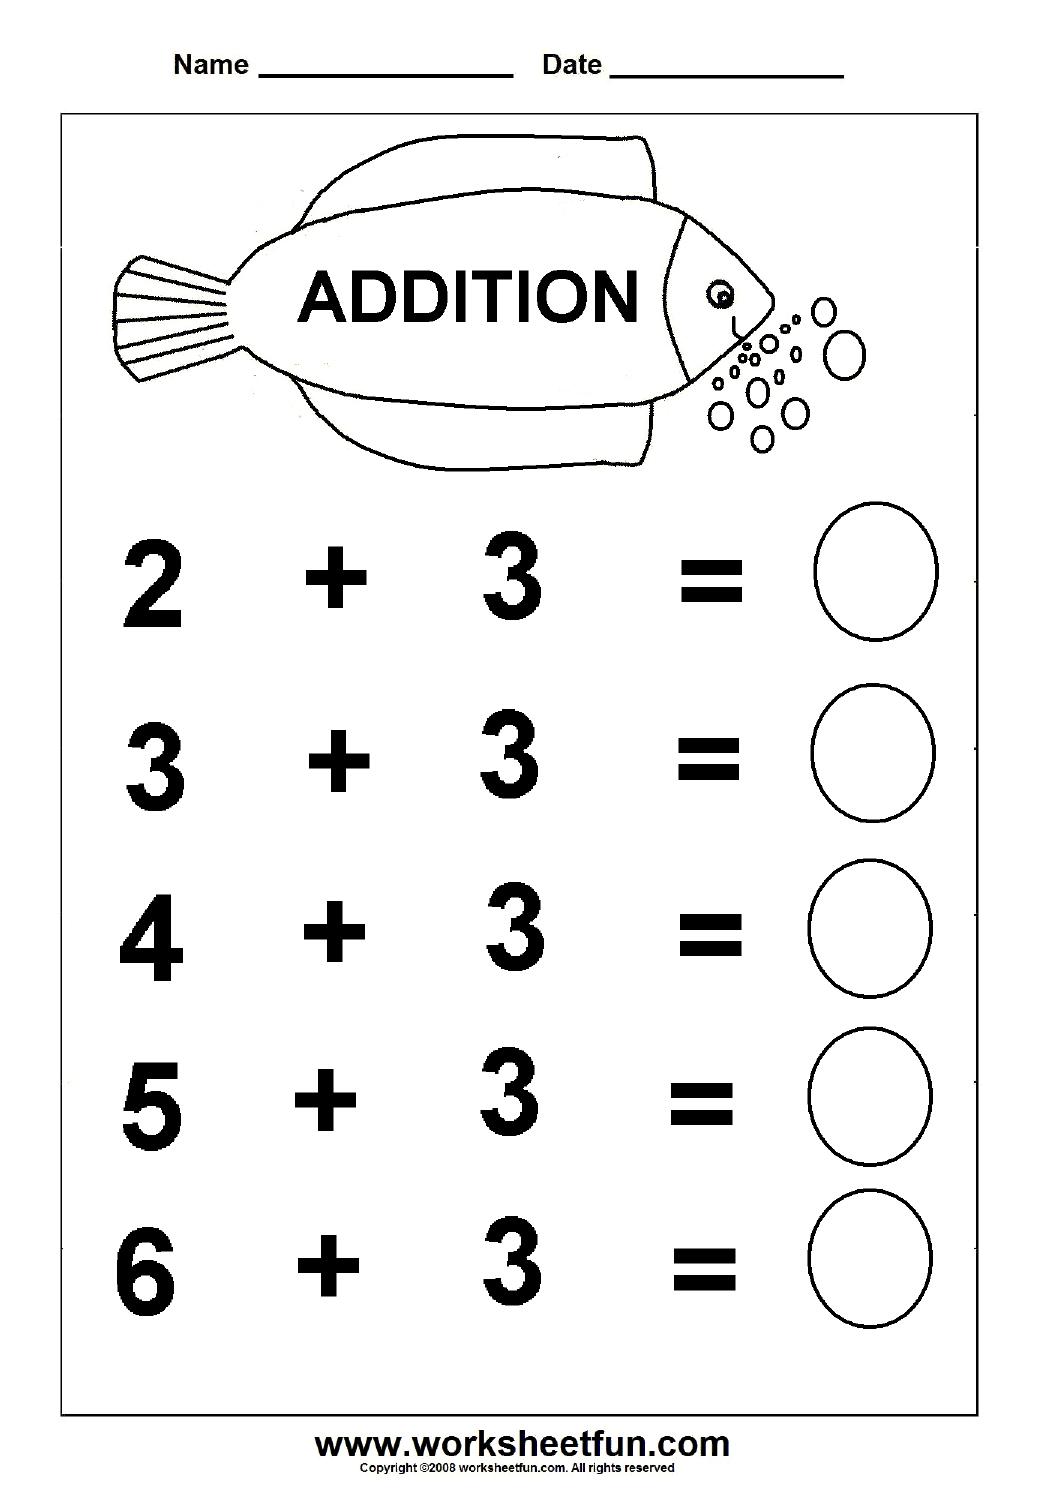 Beginner Addition – 6 Kindergarten Addition Worksheets / Free | Printable Math Worksheets For Toddlers